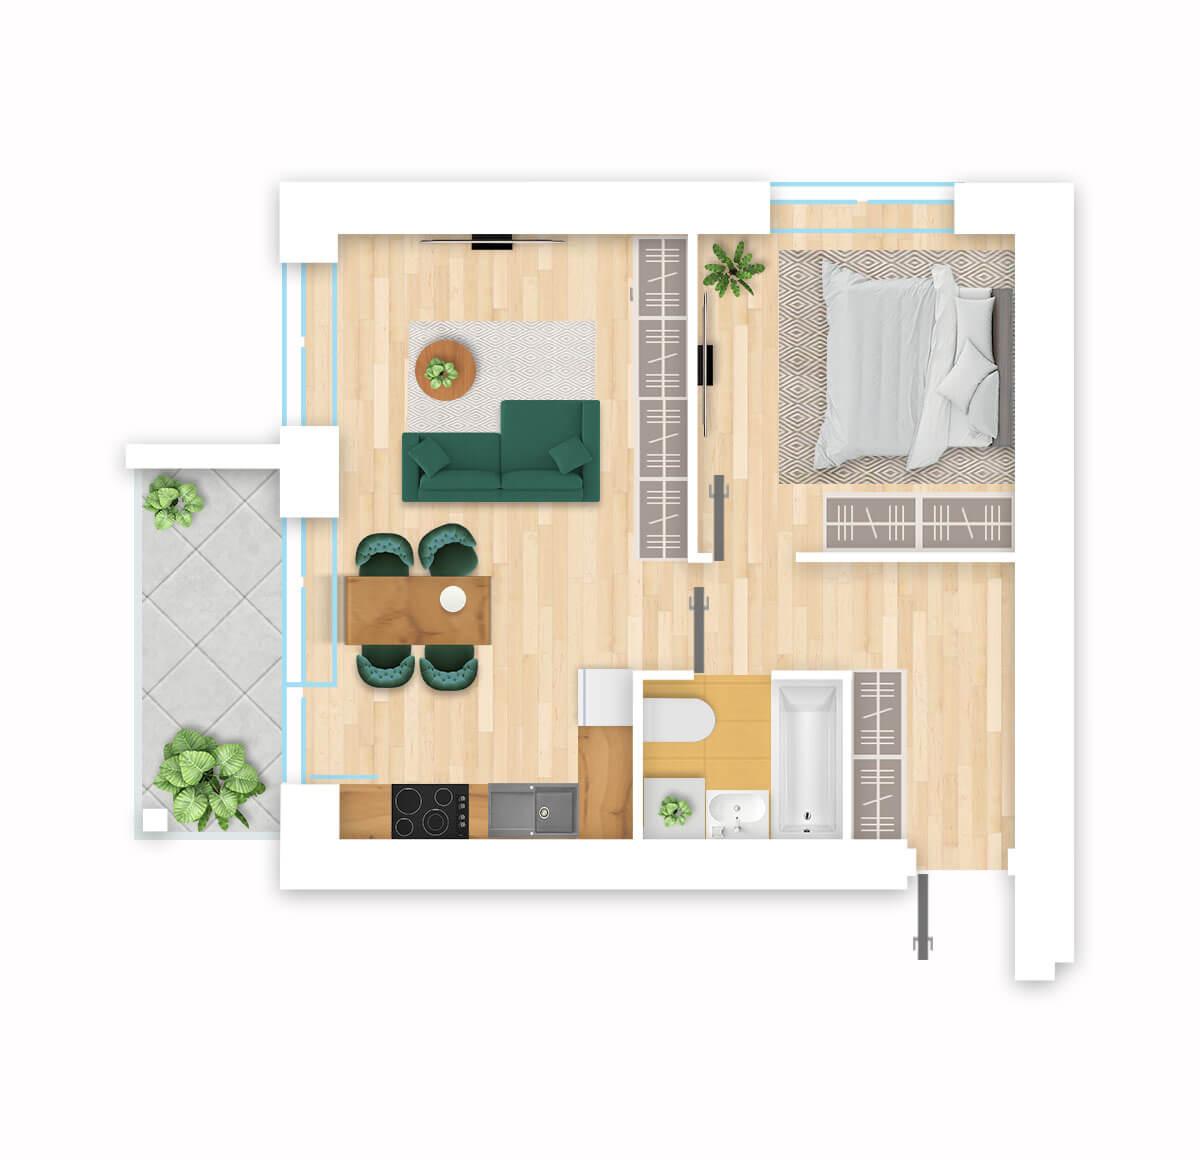 parduodamas butas Lazdynėlių g. 16C - 20 Vilniuje, buto 3D vaizdas